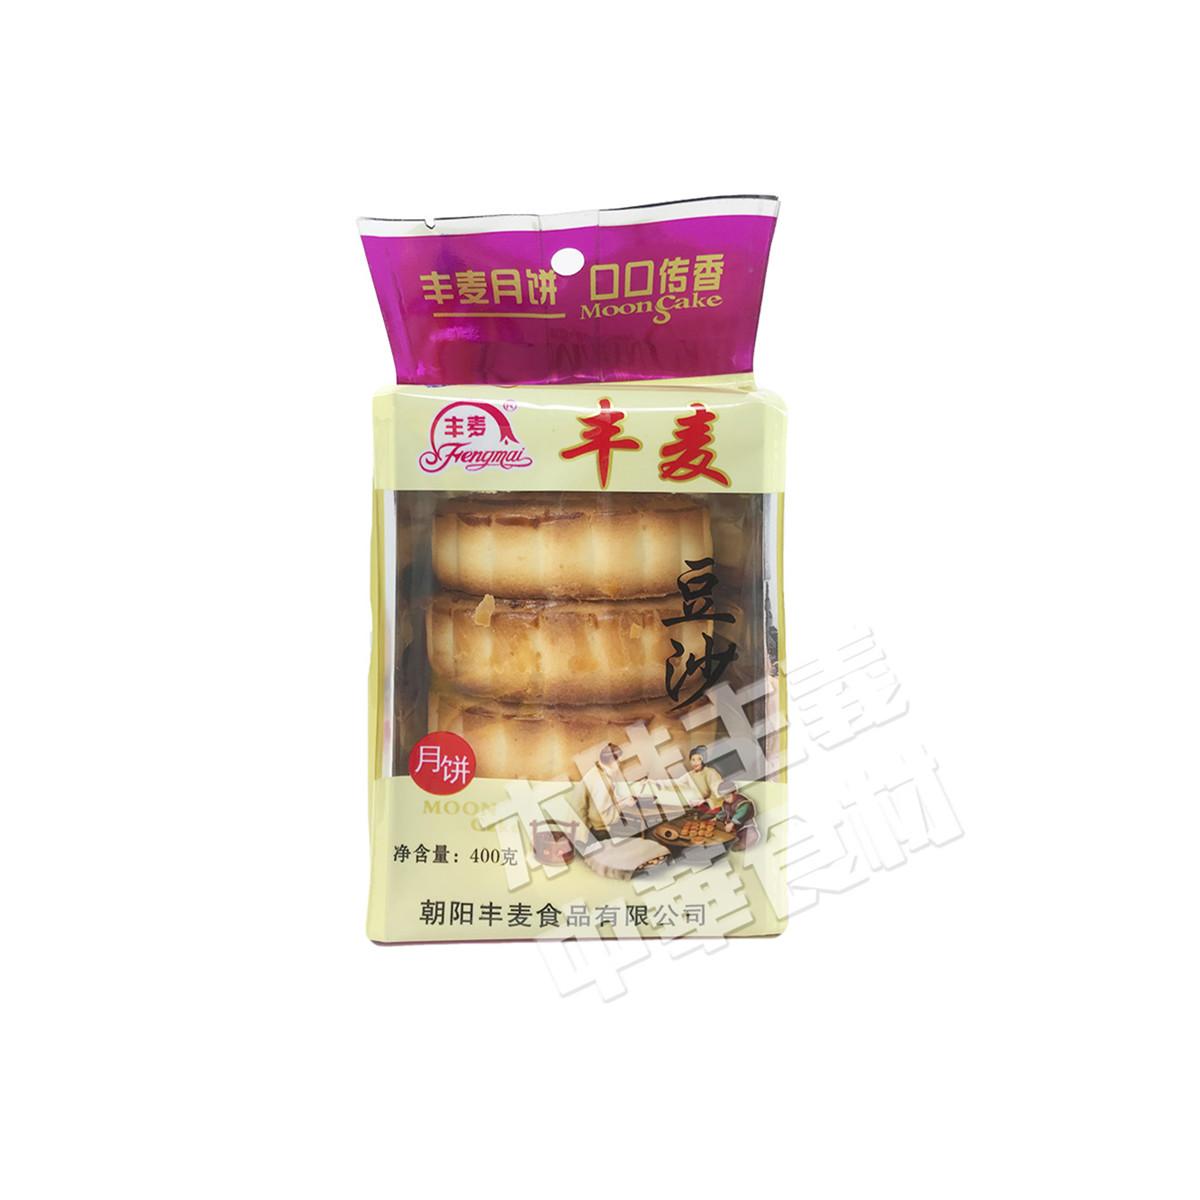 豐麦豆沙月餅(あずき月餅)400g(100g×4個)